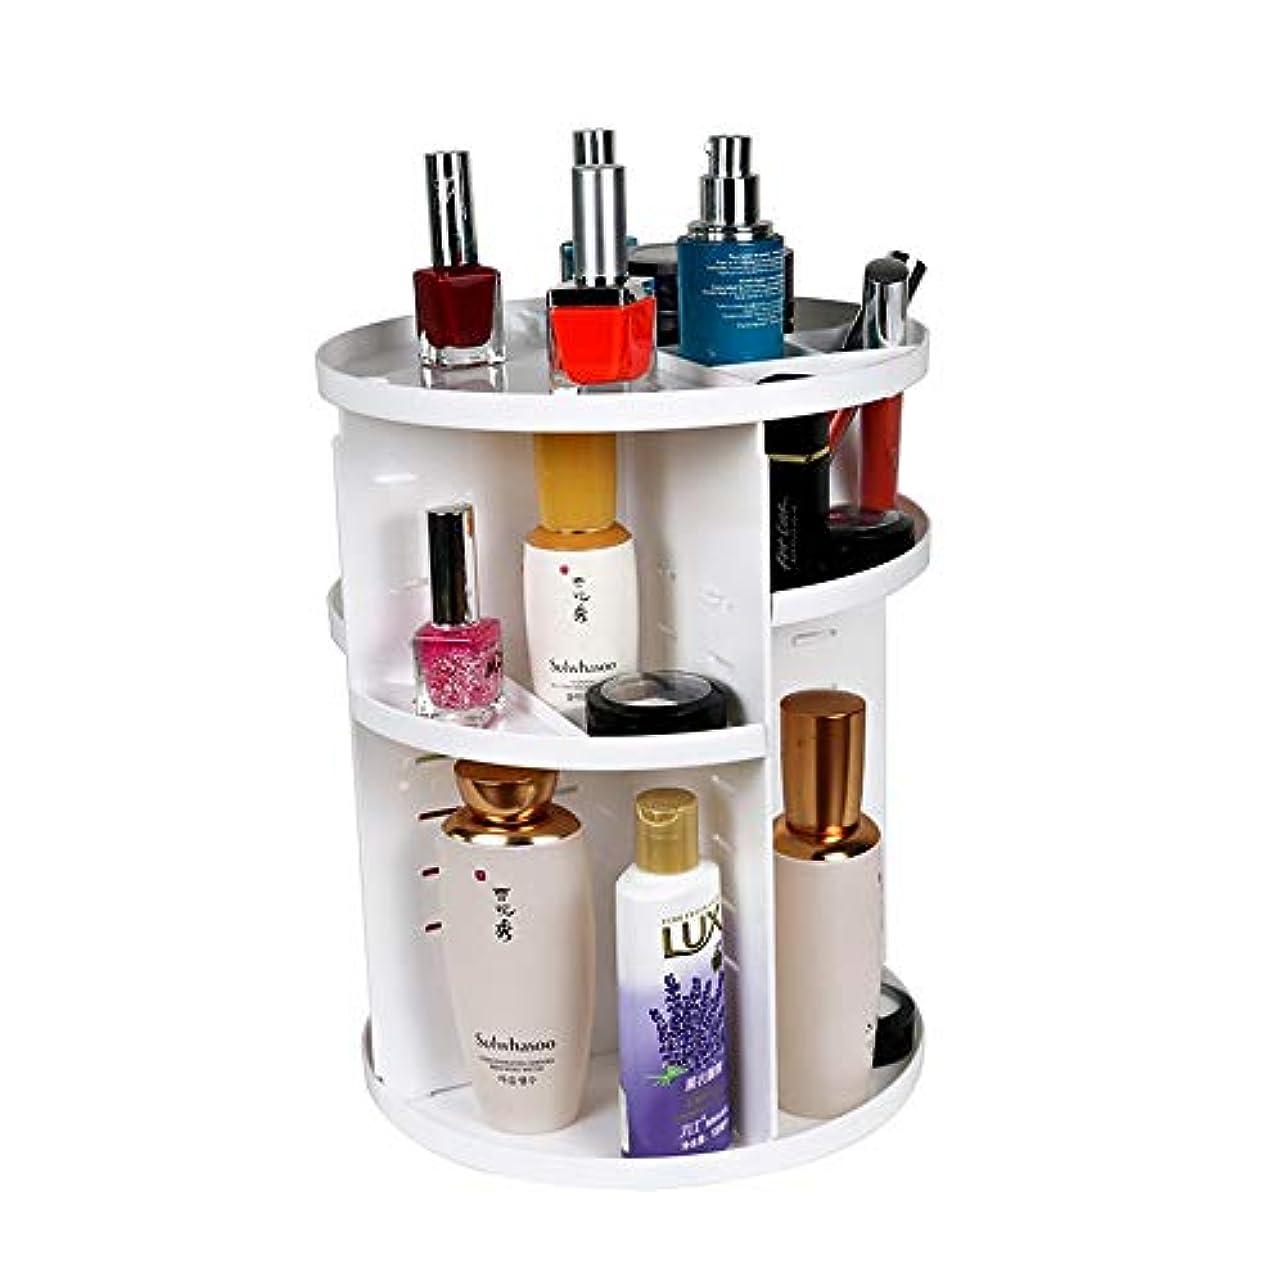 雄弁な焦げキャロライン整理簡単 簡単な構造のオルガナイザー調節可能な宝石類および化粧品の陳列台を回転させる360度 (Color : White, Size : 29.5*23*23CM)